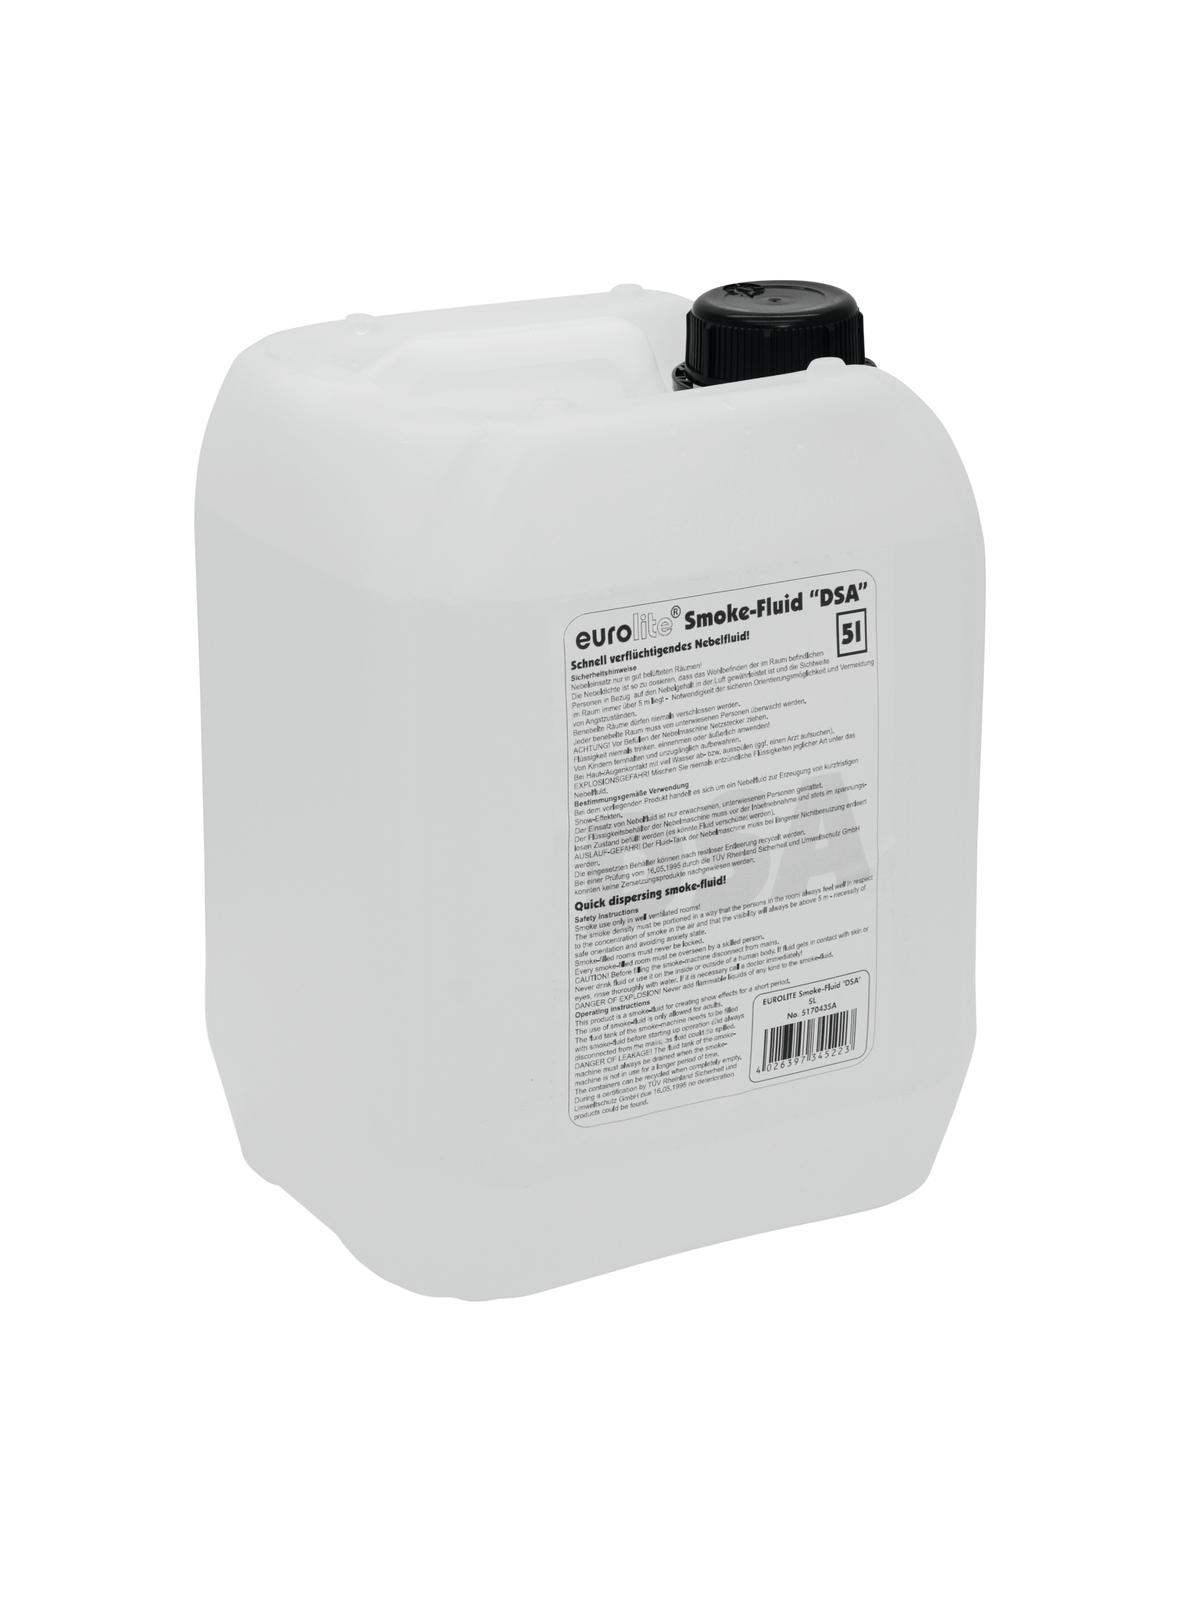 Liquido per macchina del fumo, 5 litri, EUROLITE